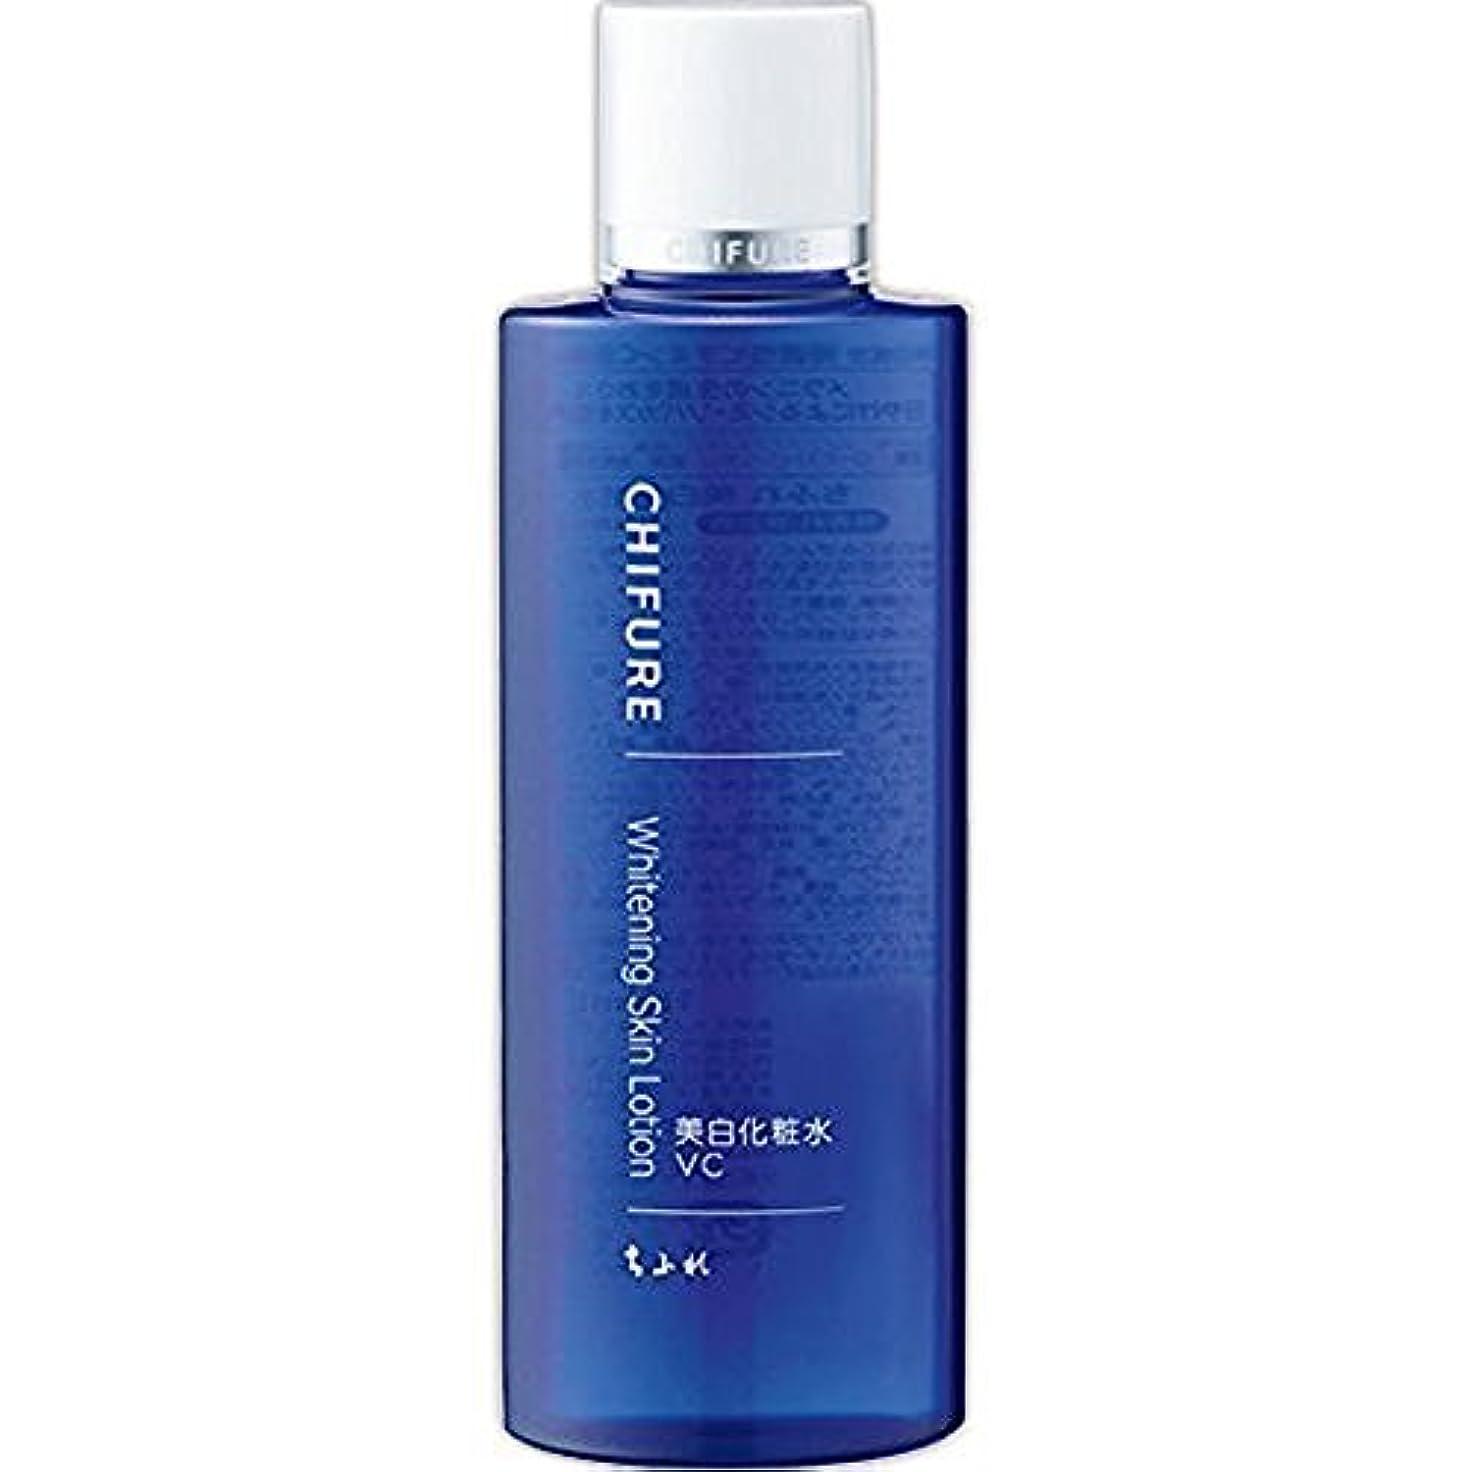 同意する黒ファントムちふれ化粧品 美白化粧水 VC 180ML (医薬部外品)